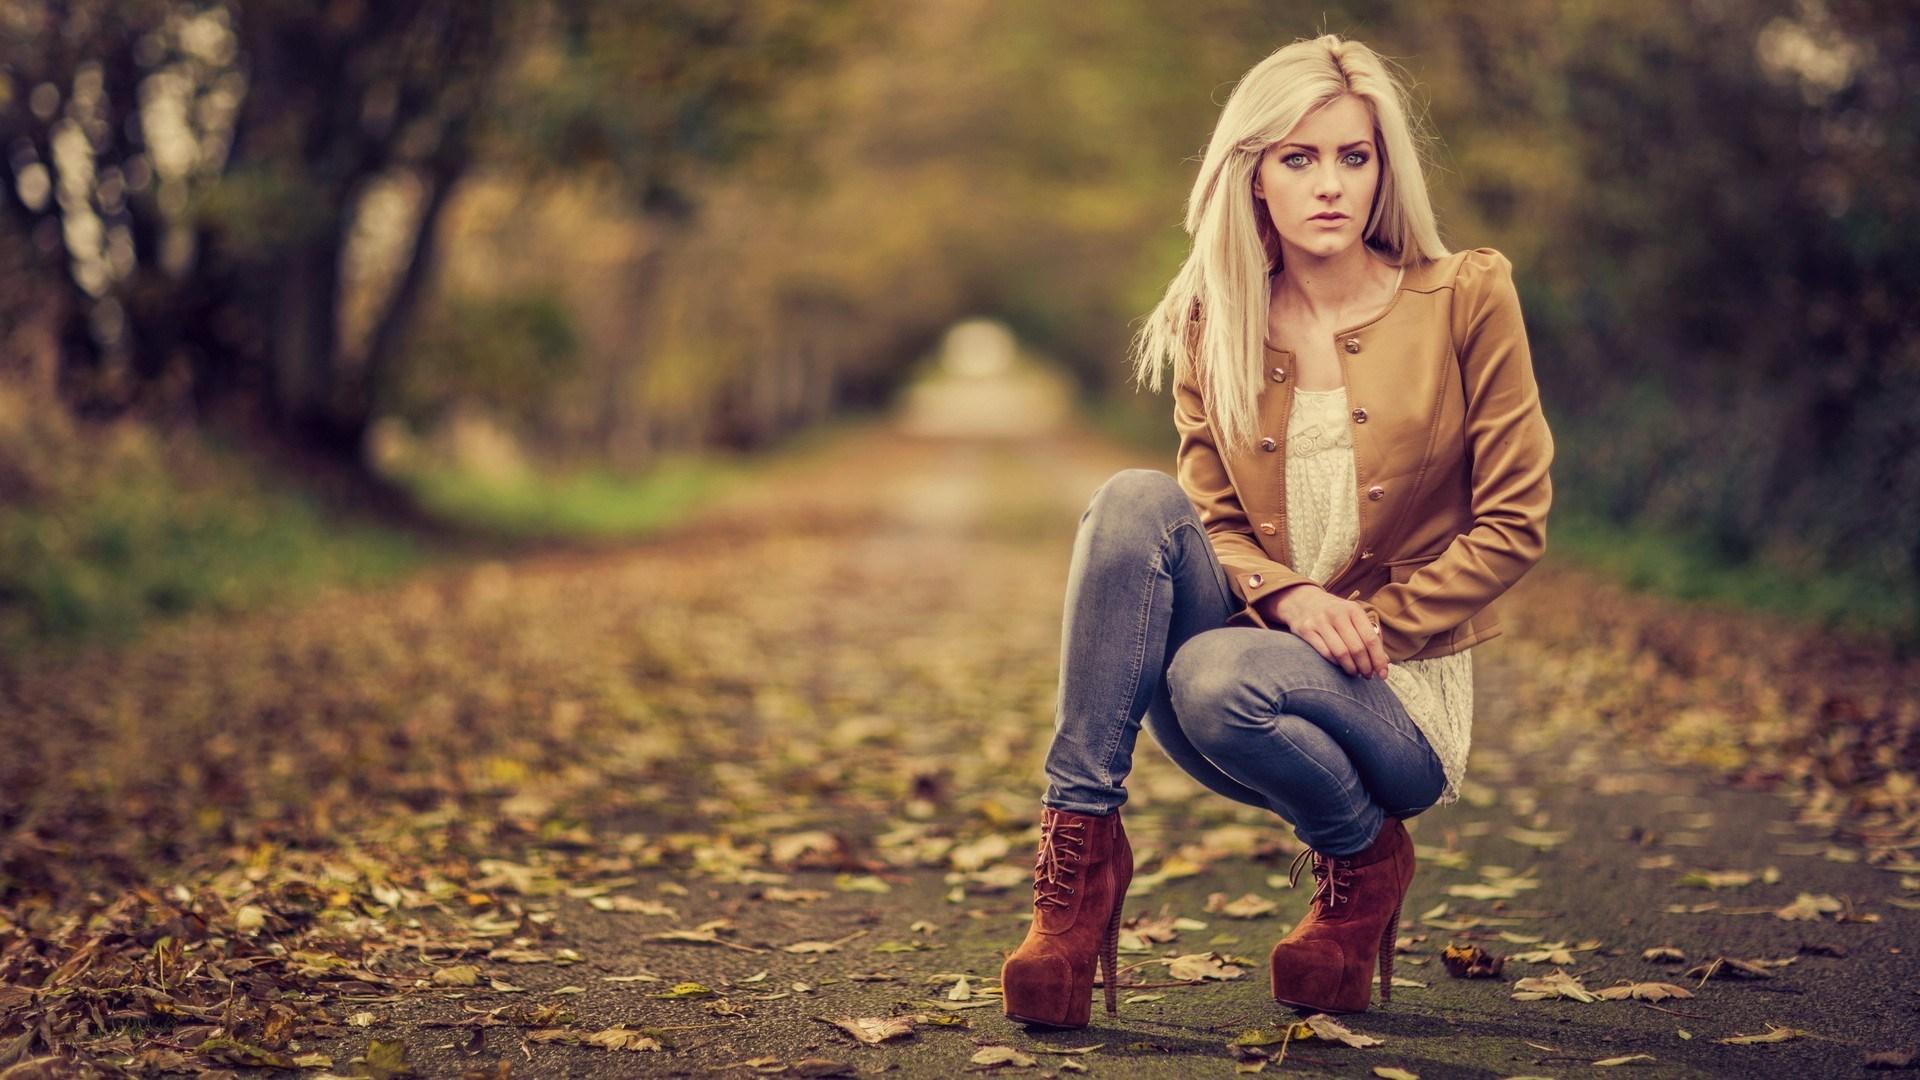 Fashion Model Beautiful Blonde